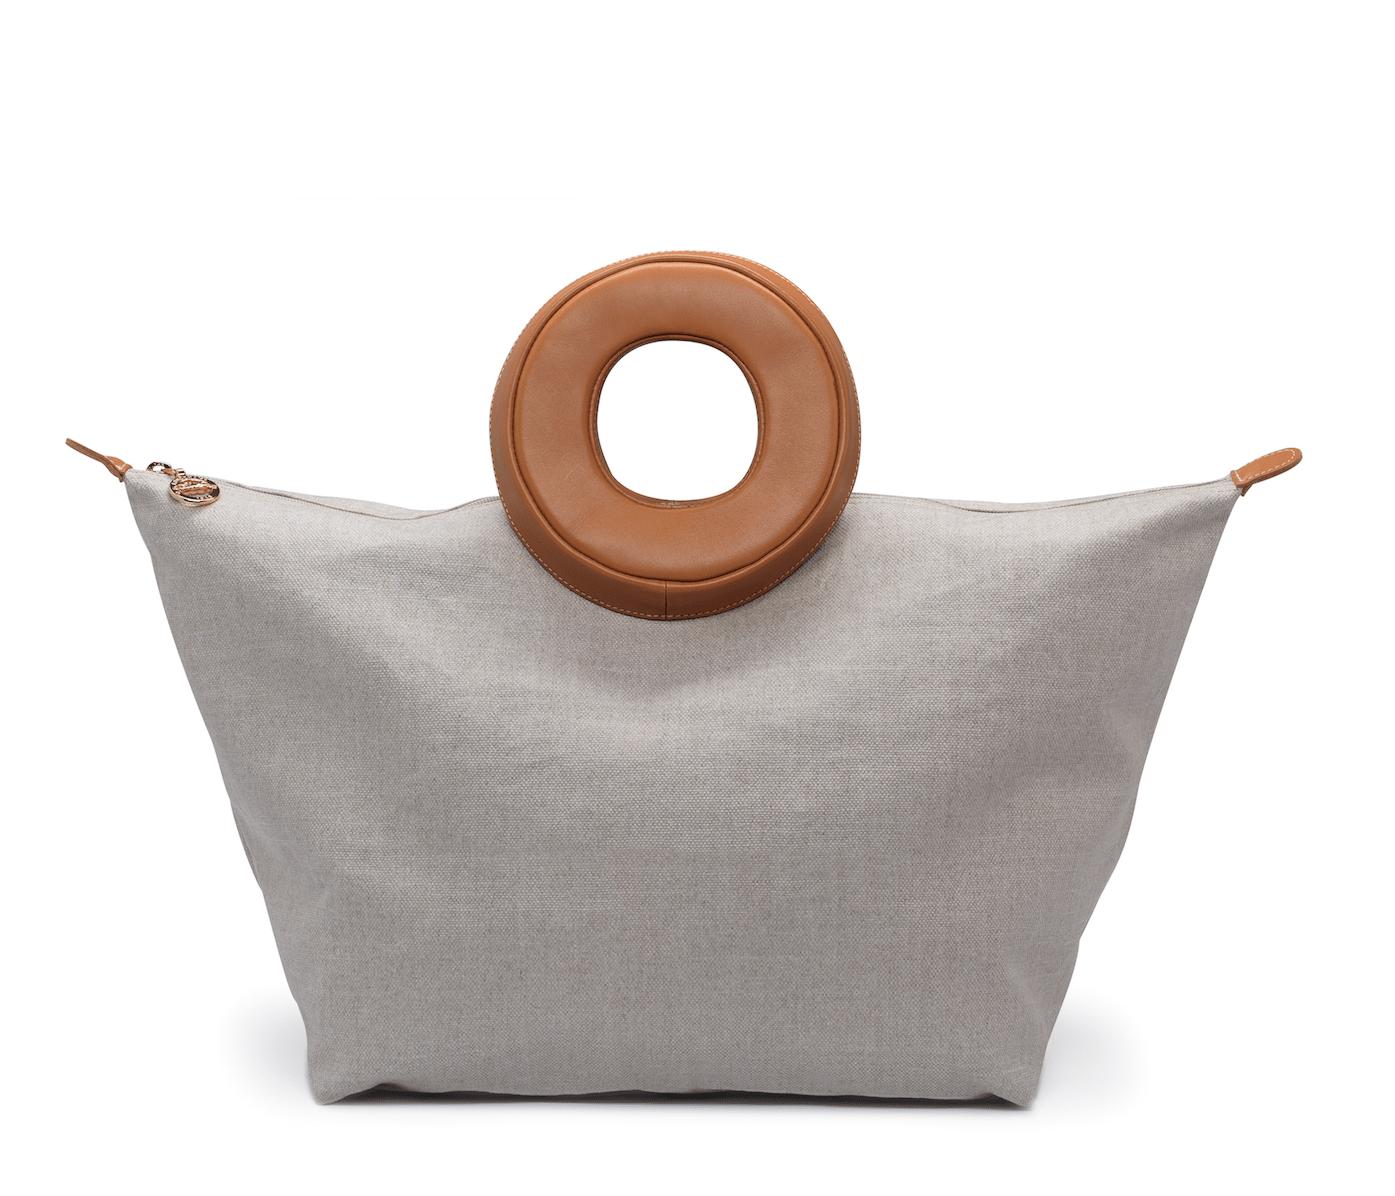 Art Bag Nyc Longchamp Art And Colors In A Bag Mrpinglifecom